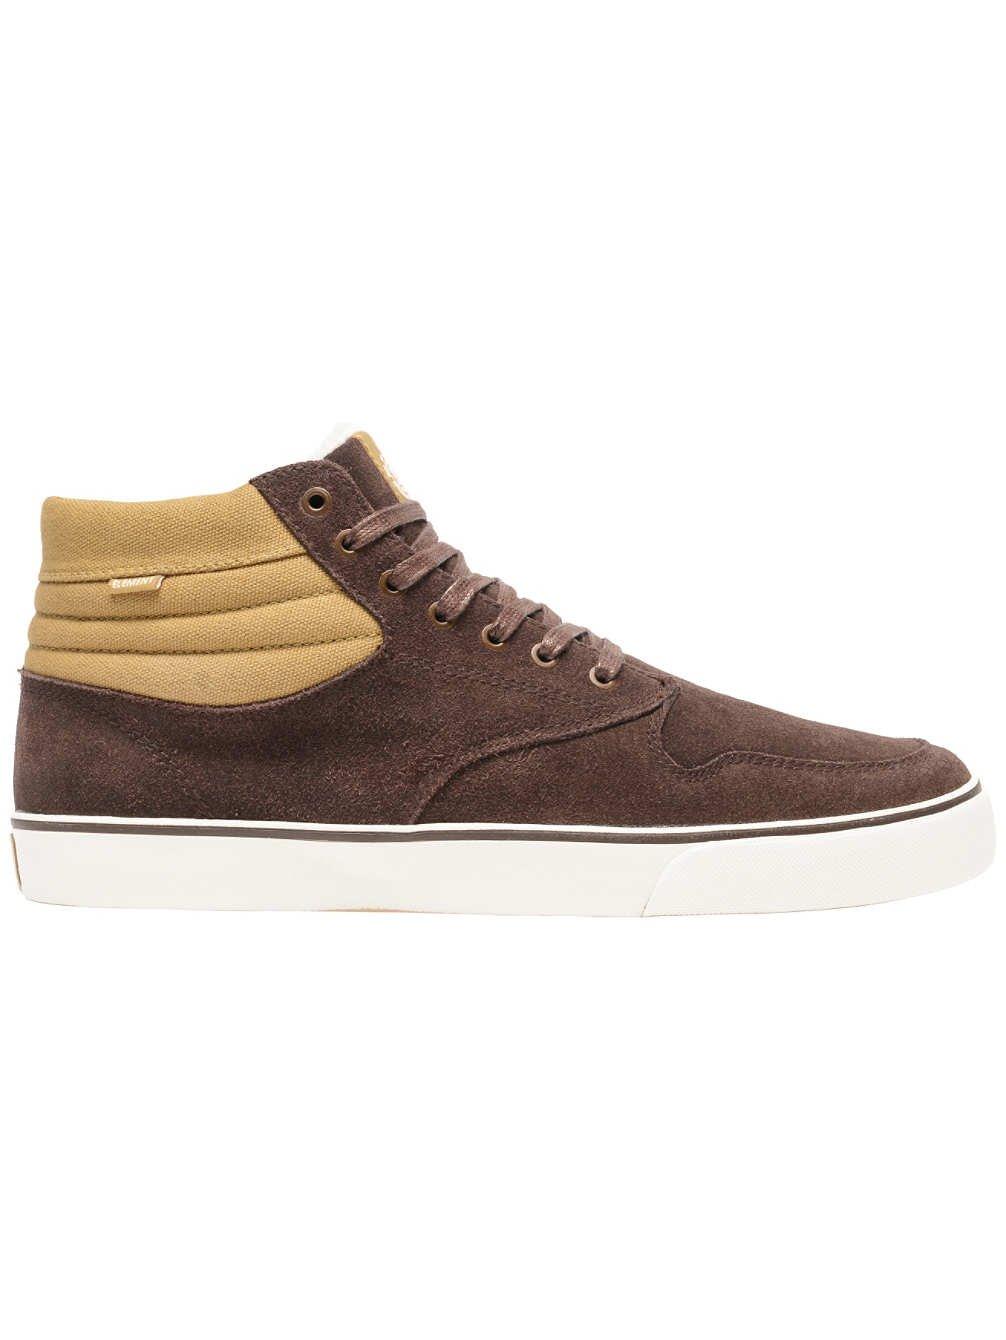 Element Topaz C3 Herren Sneakers  9.0|Walnut Curry